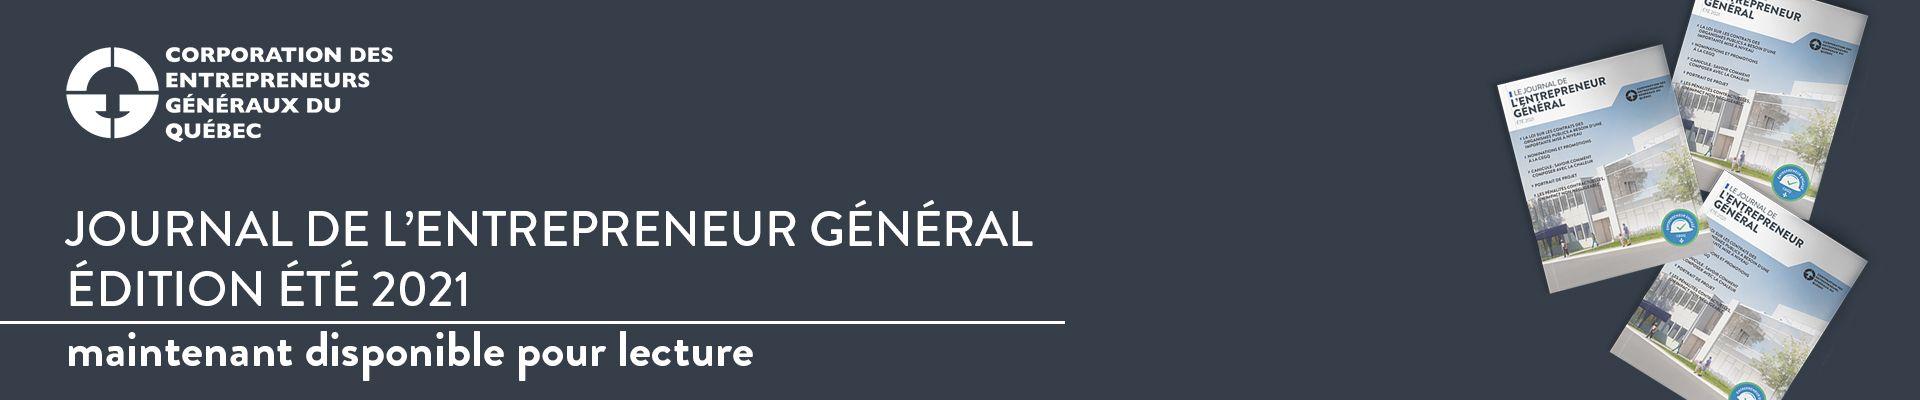 Journal de l'entrepreneur général